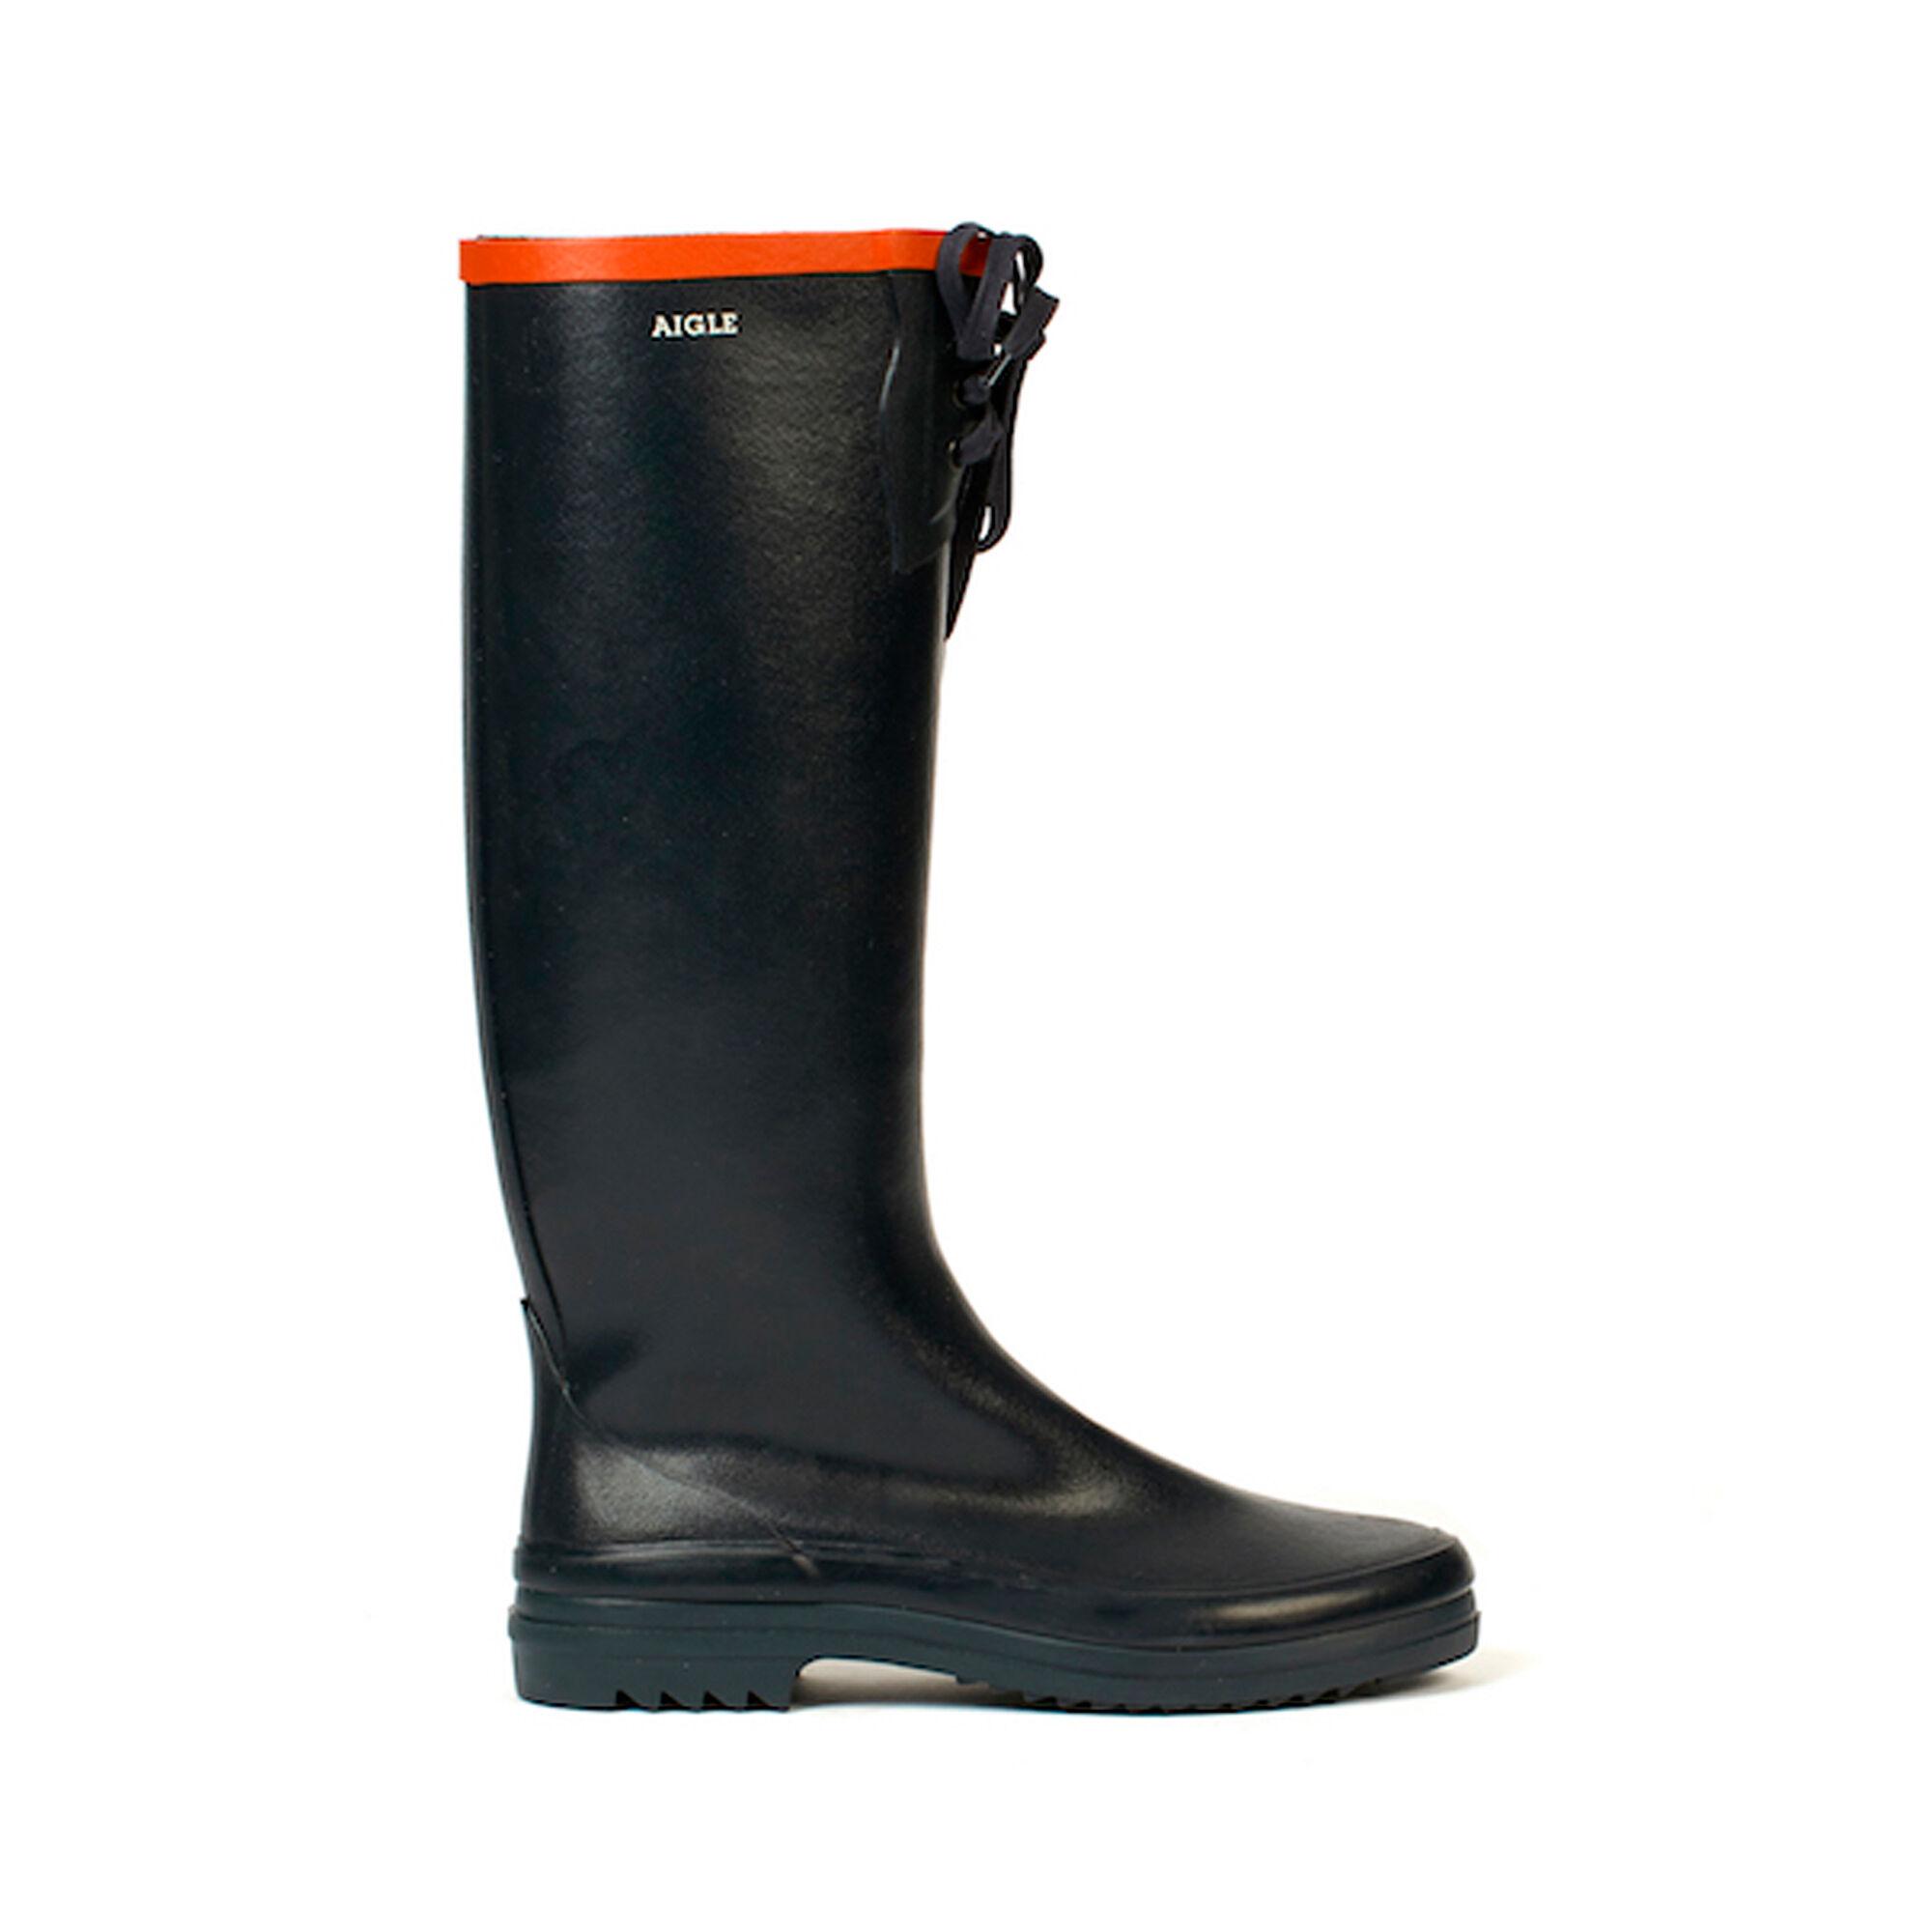 New Fashion Noir Wellington Impermᄄᆭable Bottes Bottines Bottes Casual S 4 Uk 37 UE-afficher le titre d'origine